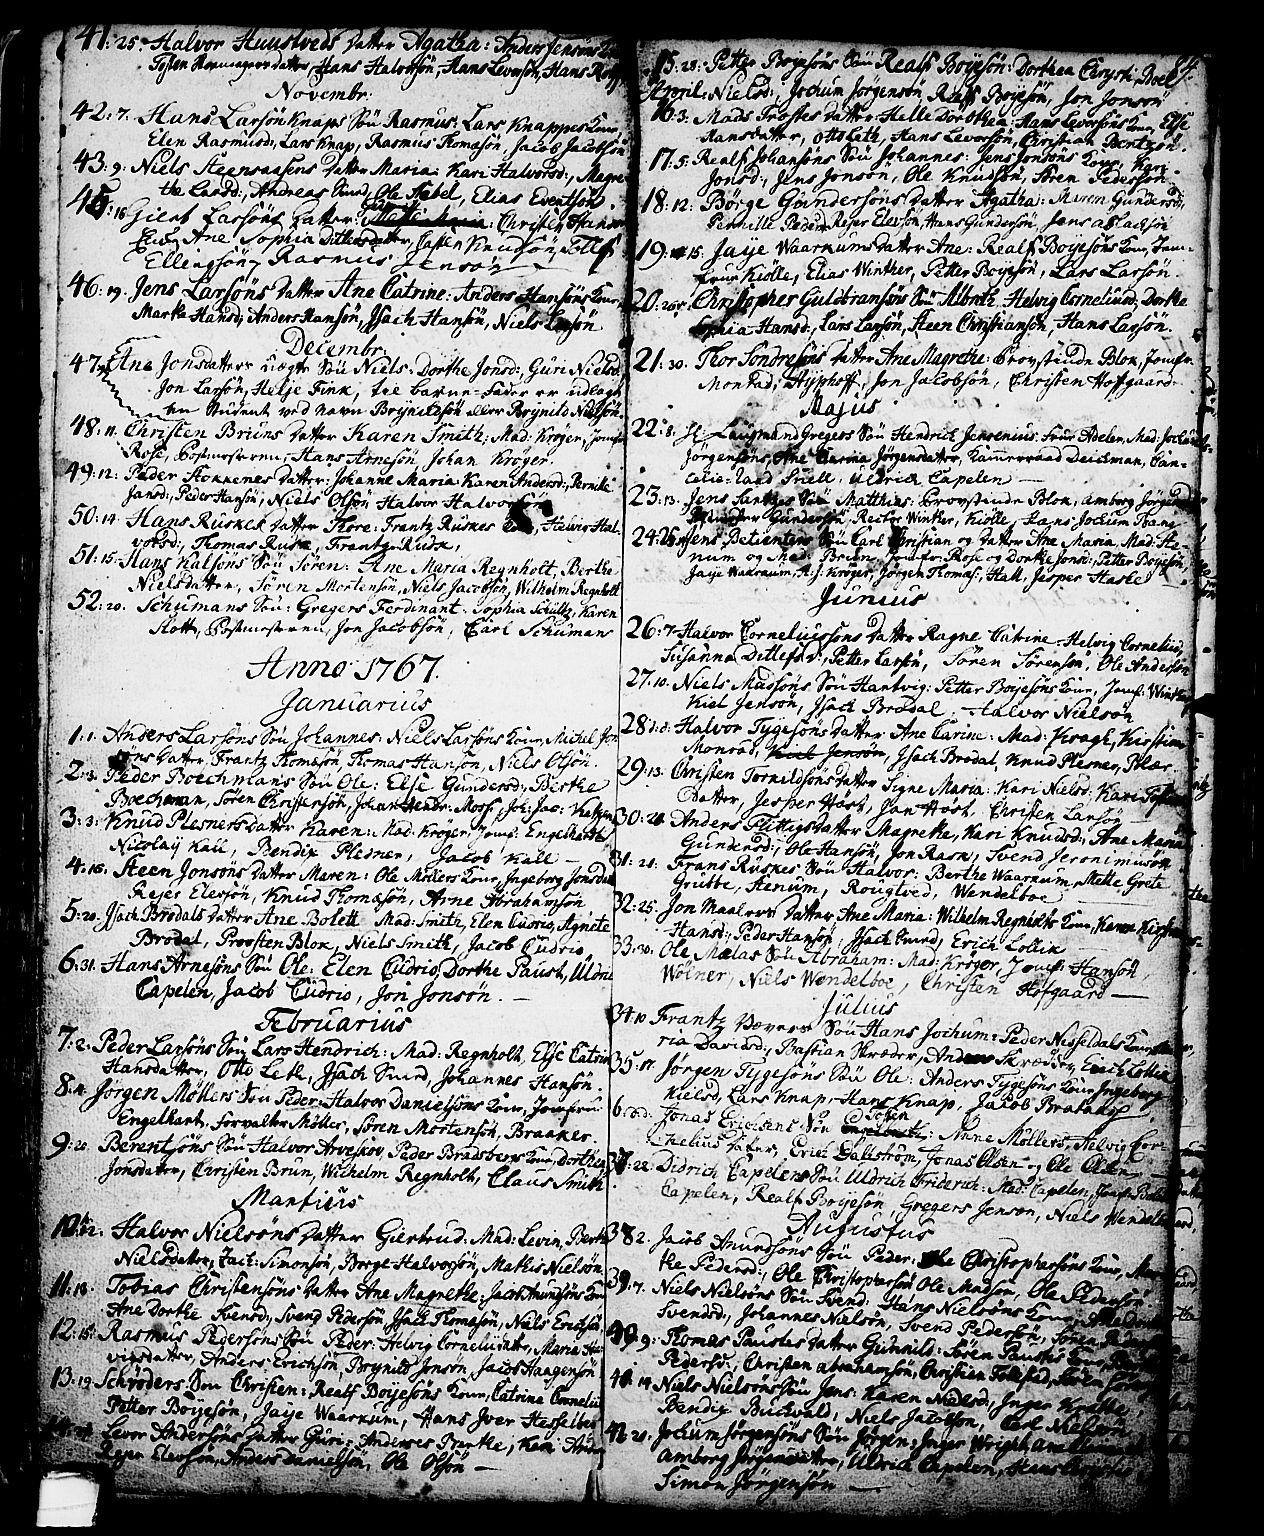 SAKO, Skien kirkebøker, G/Ga/L0001: Klokkerbok nr. 1, 1756-1791, s. 84